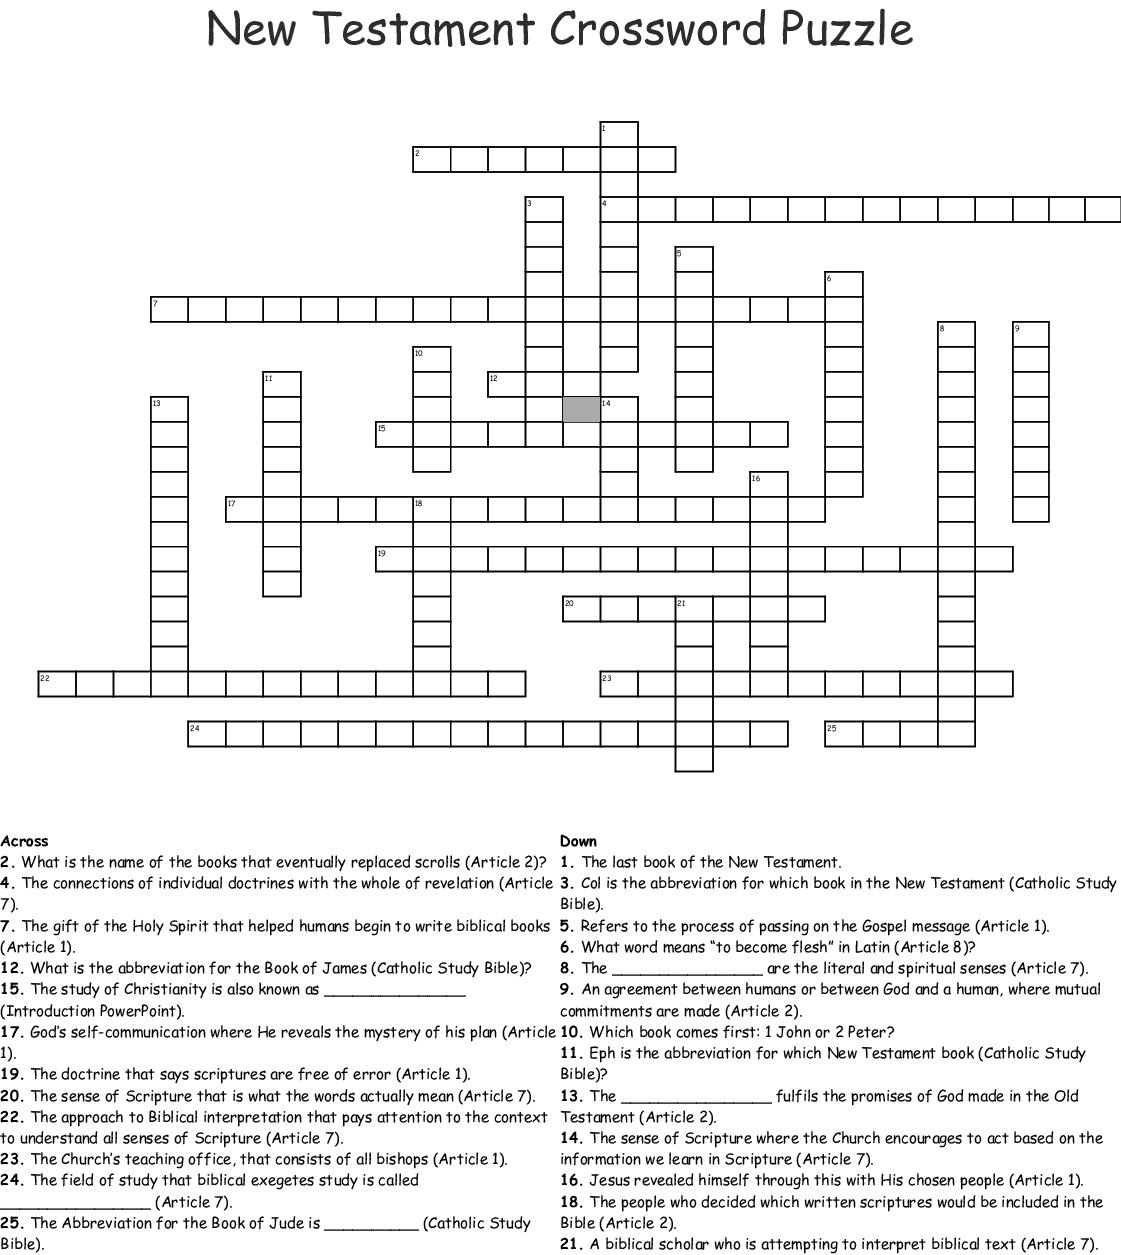 Jesus 12 Disciples Crossword